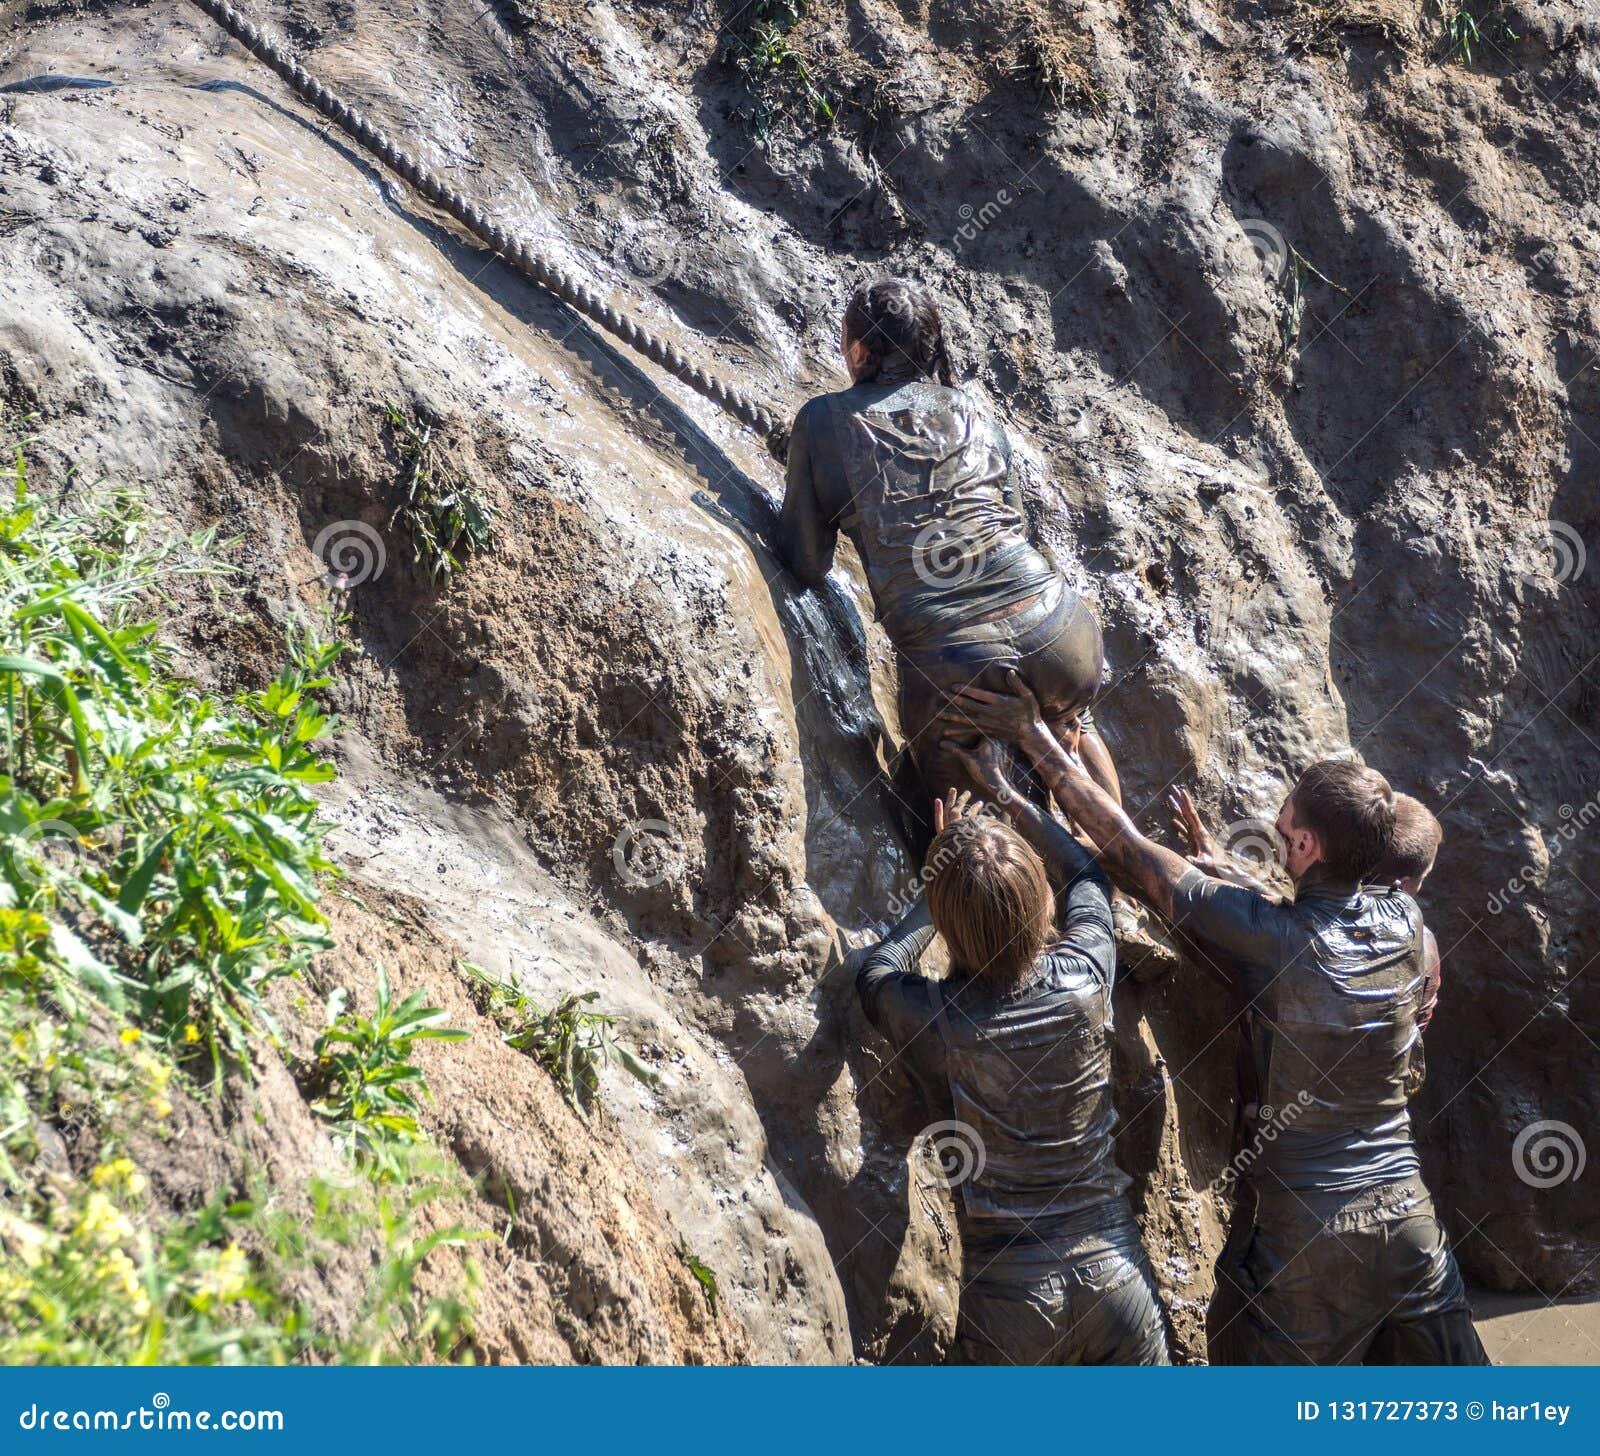 Молодые люди проходит полосу препятствий Бегуны гонки грязи Взбираться веревочка Сыгранность